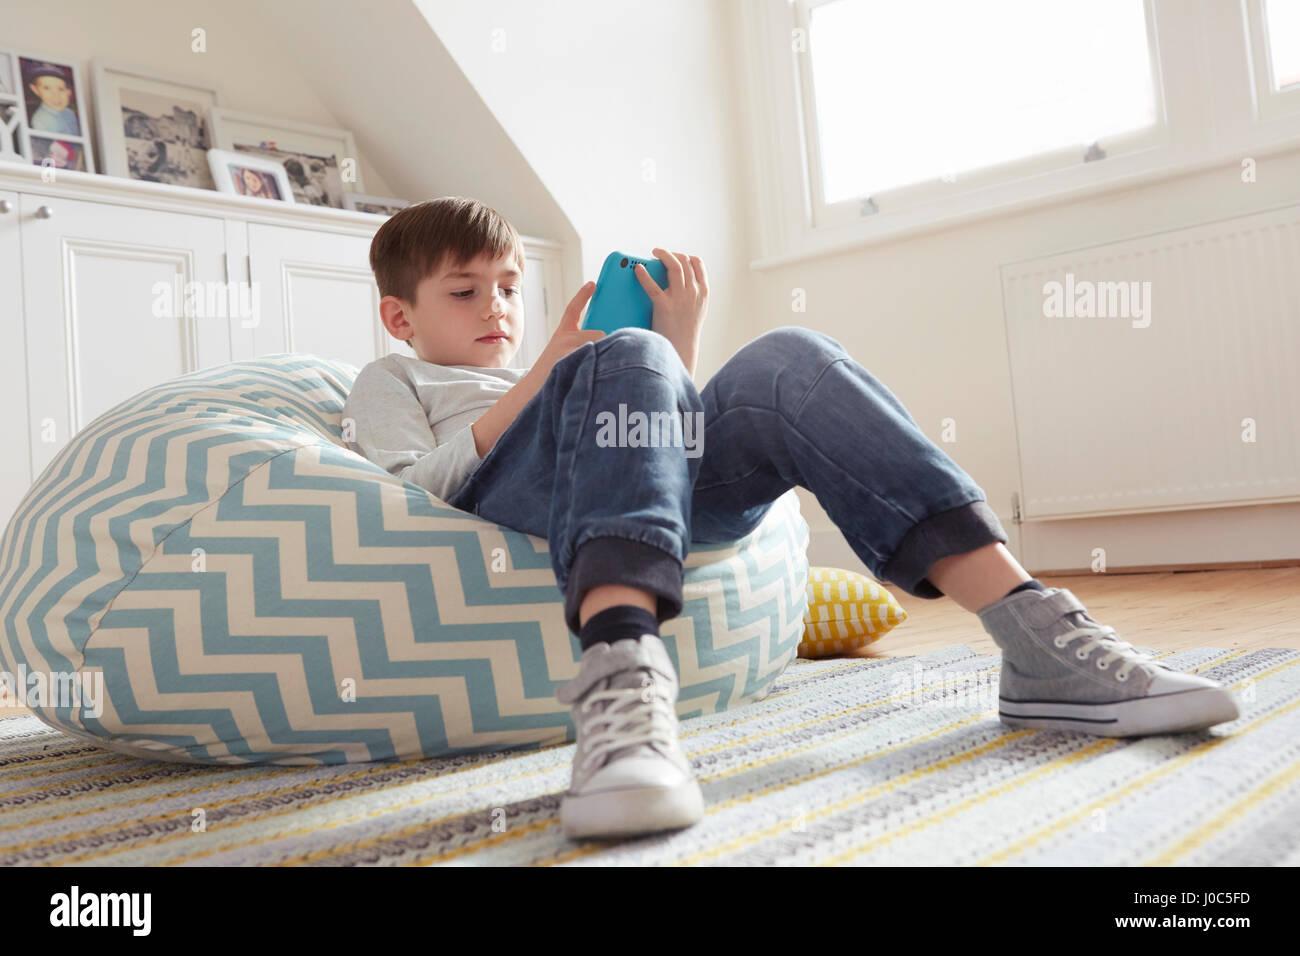 Muchacho recostado sobre silla mirando tableta digital Imagen De Stock